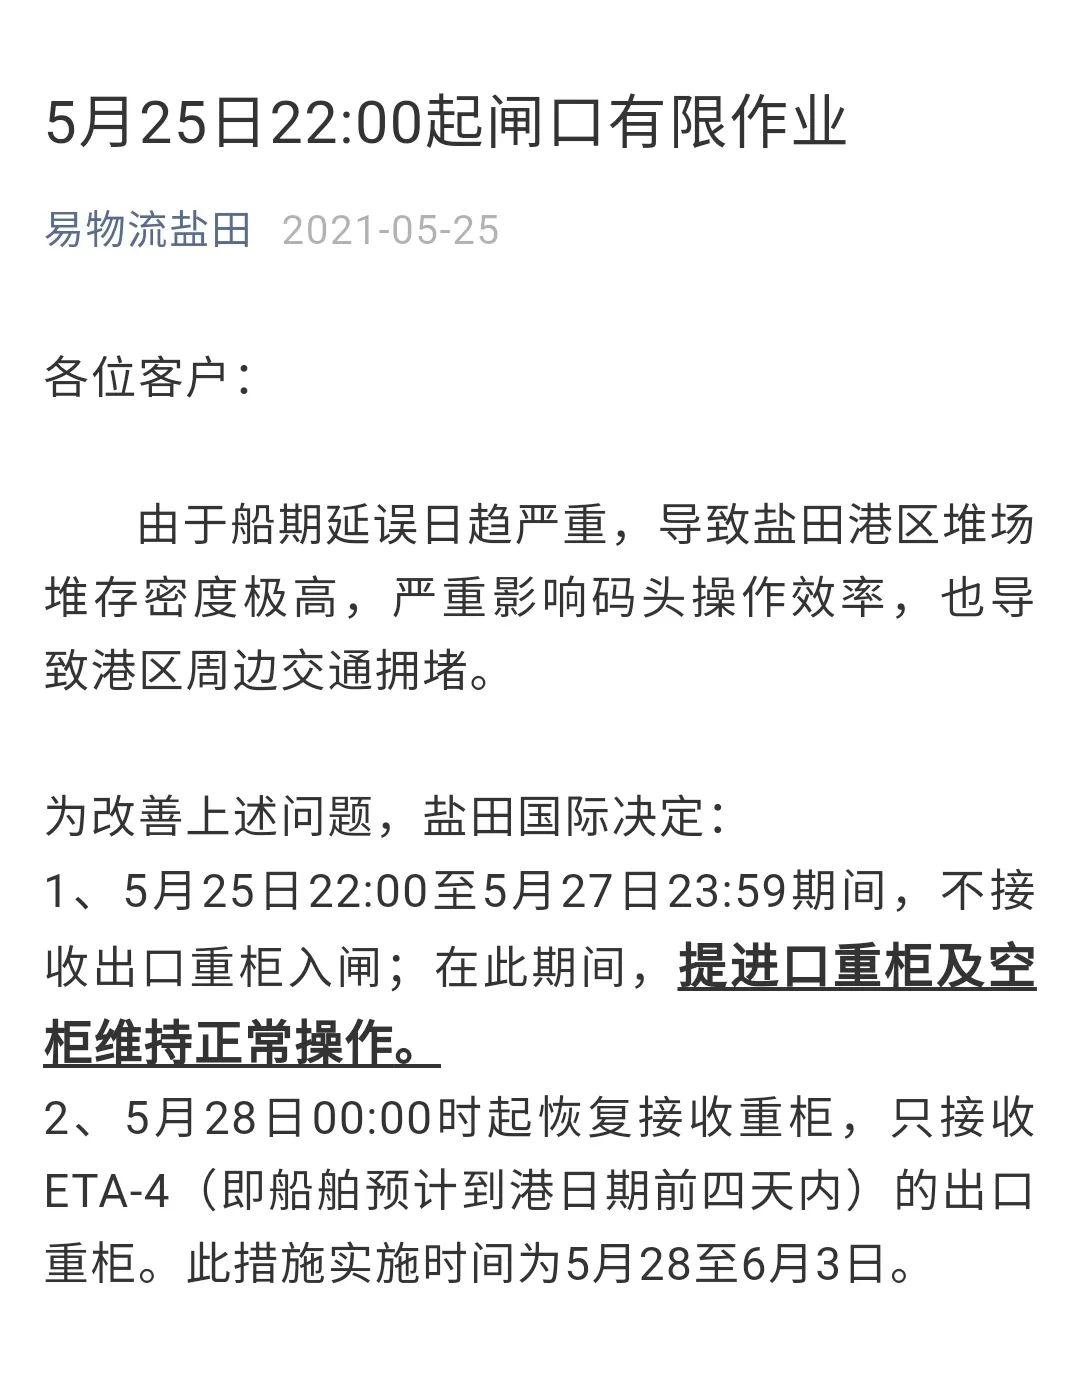 货运速览:盐田暂停接收出口重柜、MCC PIL MAERSK 共舱货船里爆炸!中欧陆海快线建设提速!